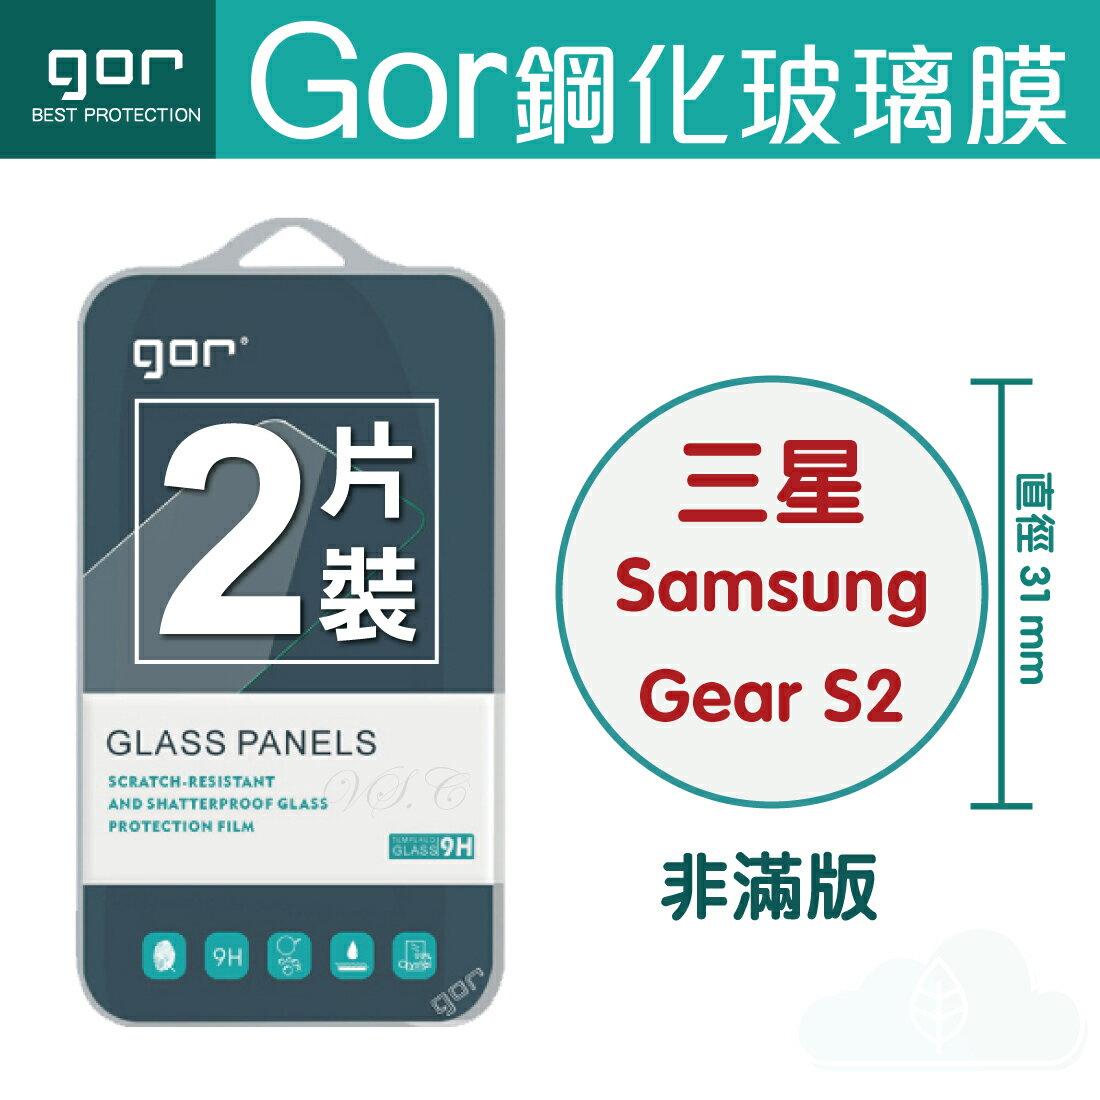 【三星Samsung】GOR 9H 三星 Samsung Gear S2 手錶 鋼化 玻璃 保護貼 全透明非滿版 兩片裝 另售專屬充電座【全館滿299免運費】